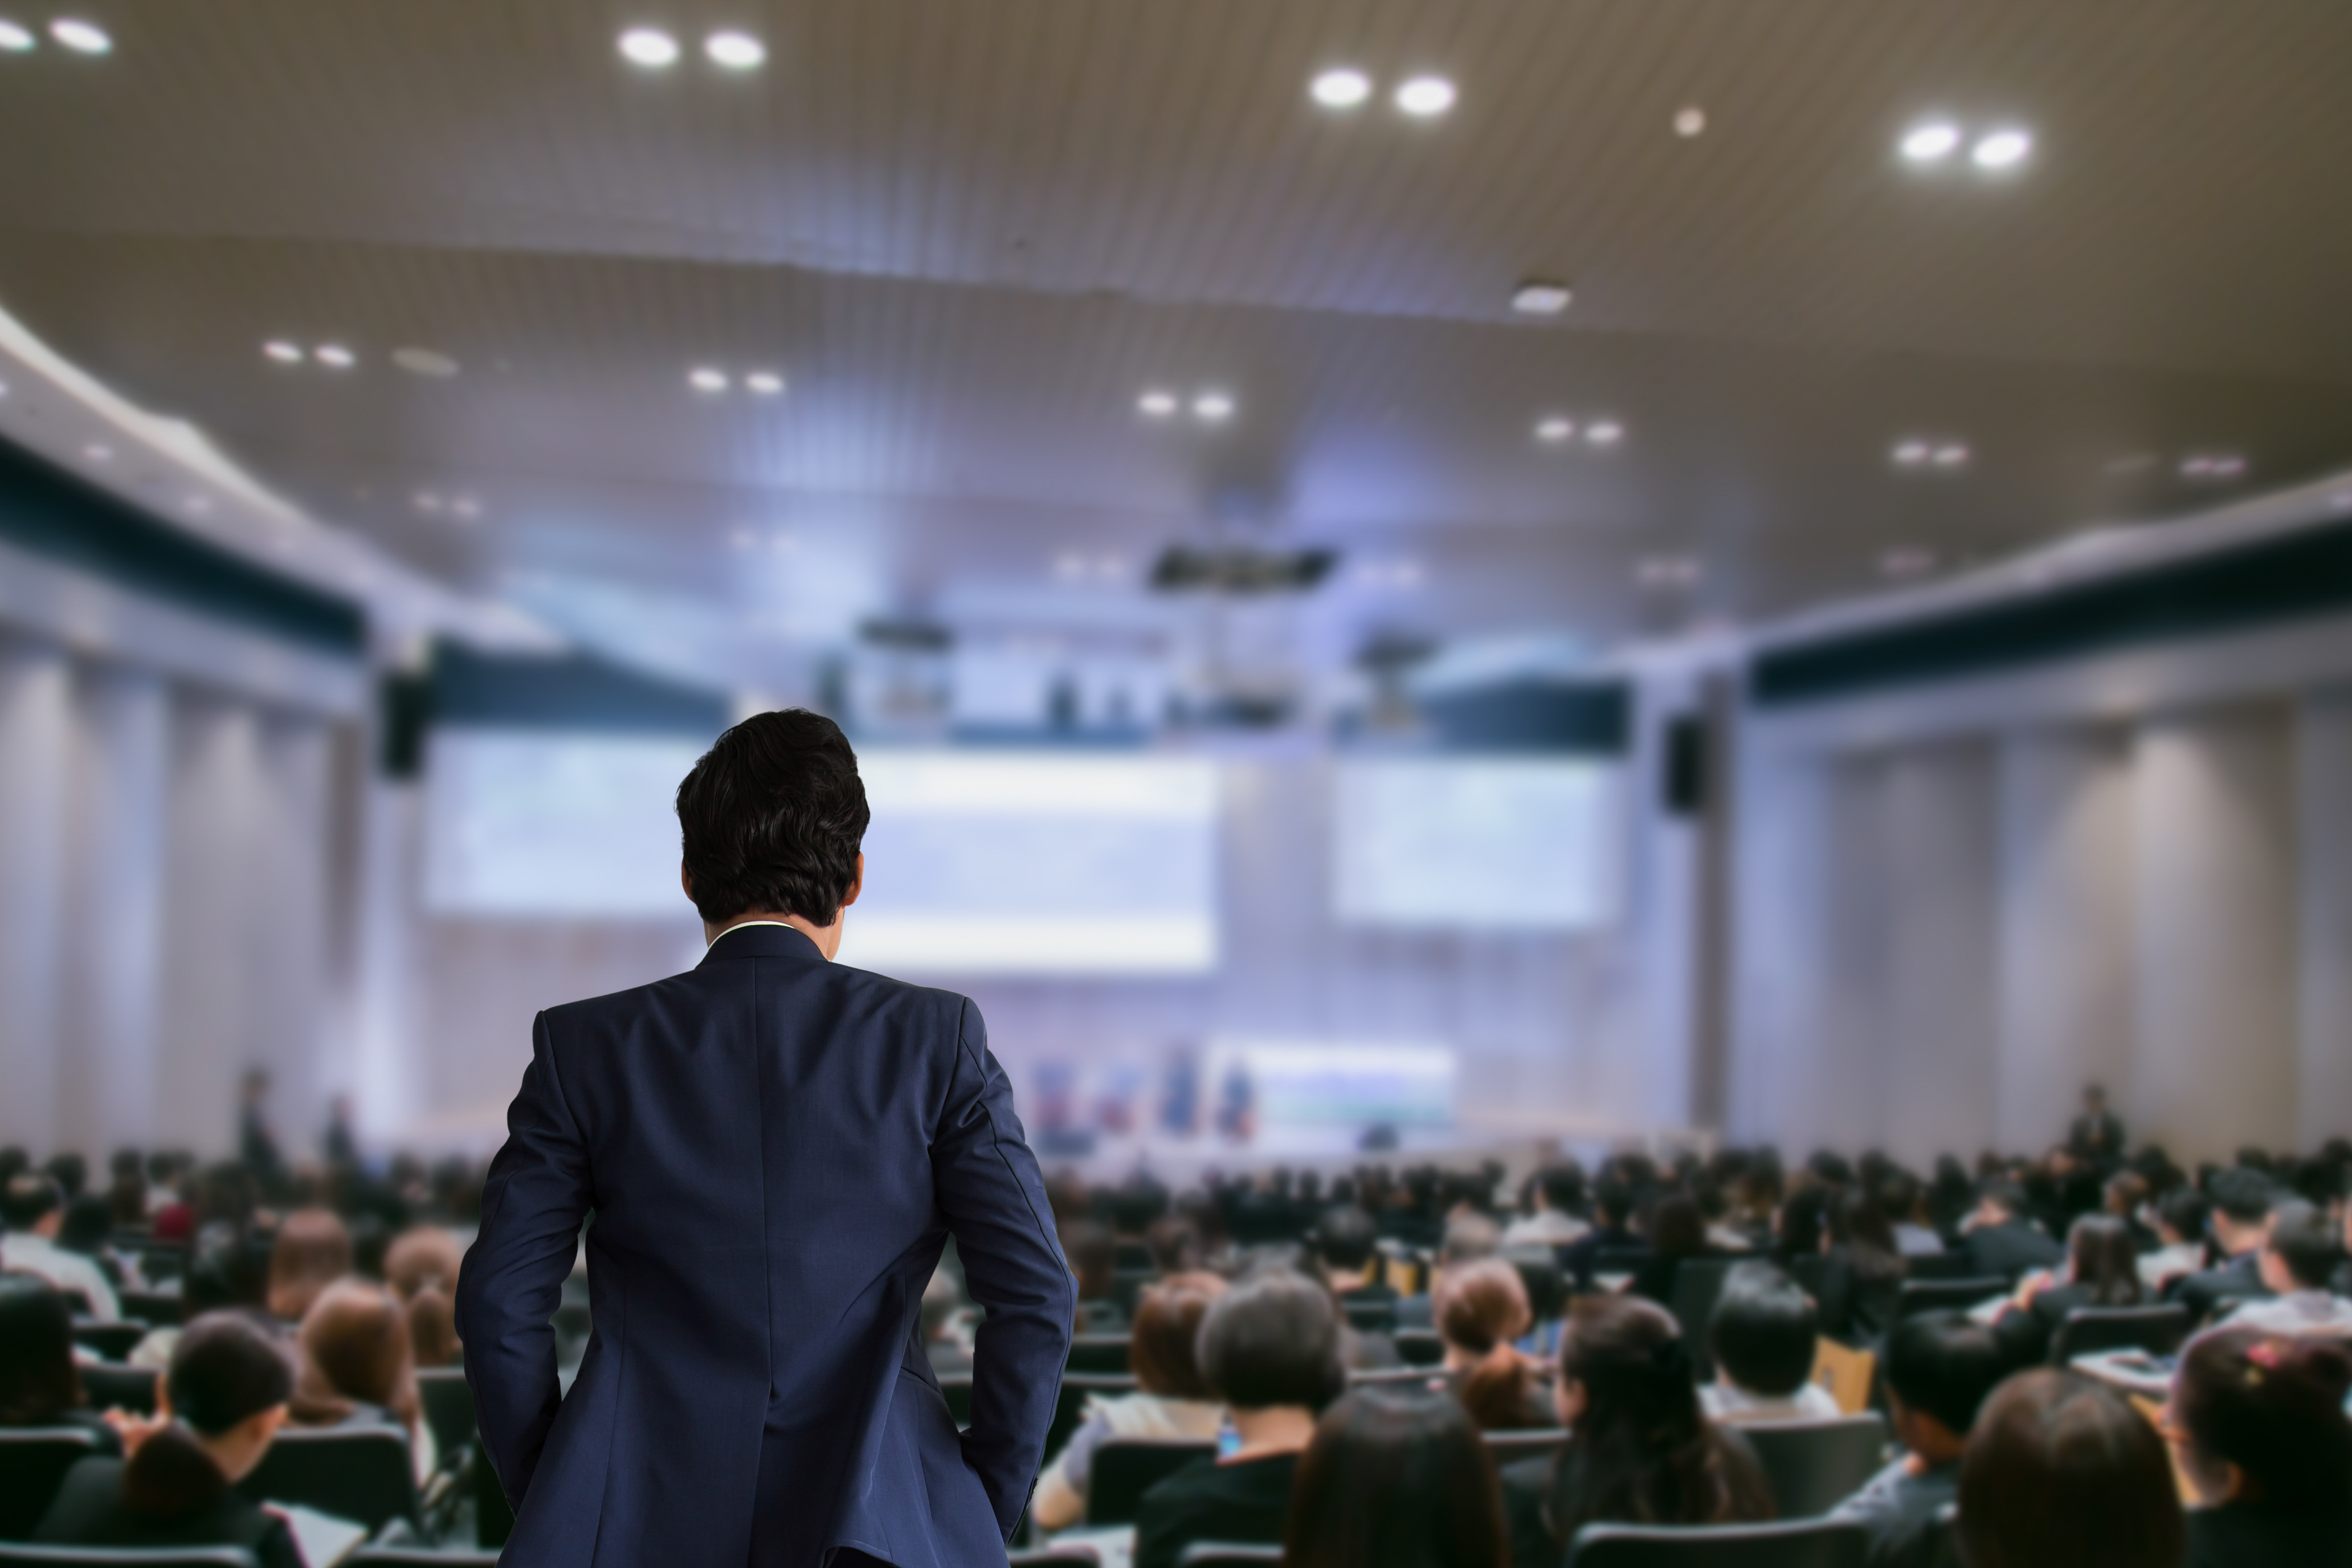 Sala de conferencia con ejecutivos en reunión